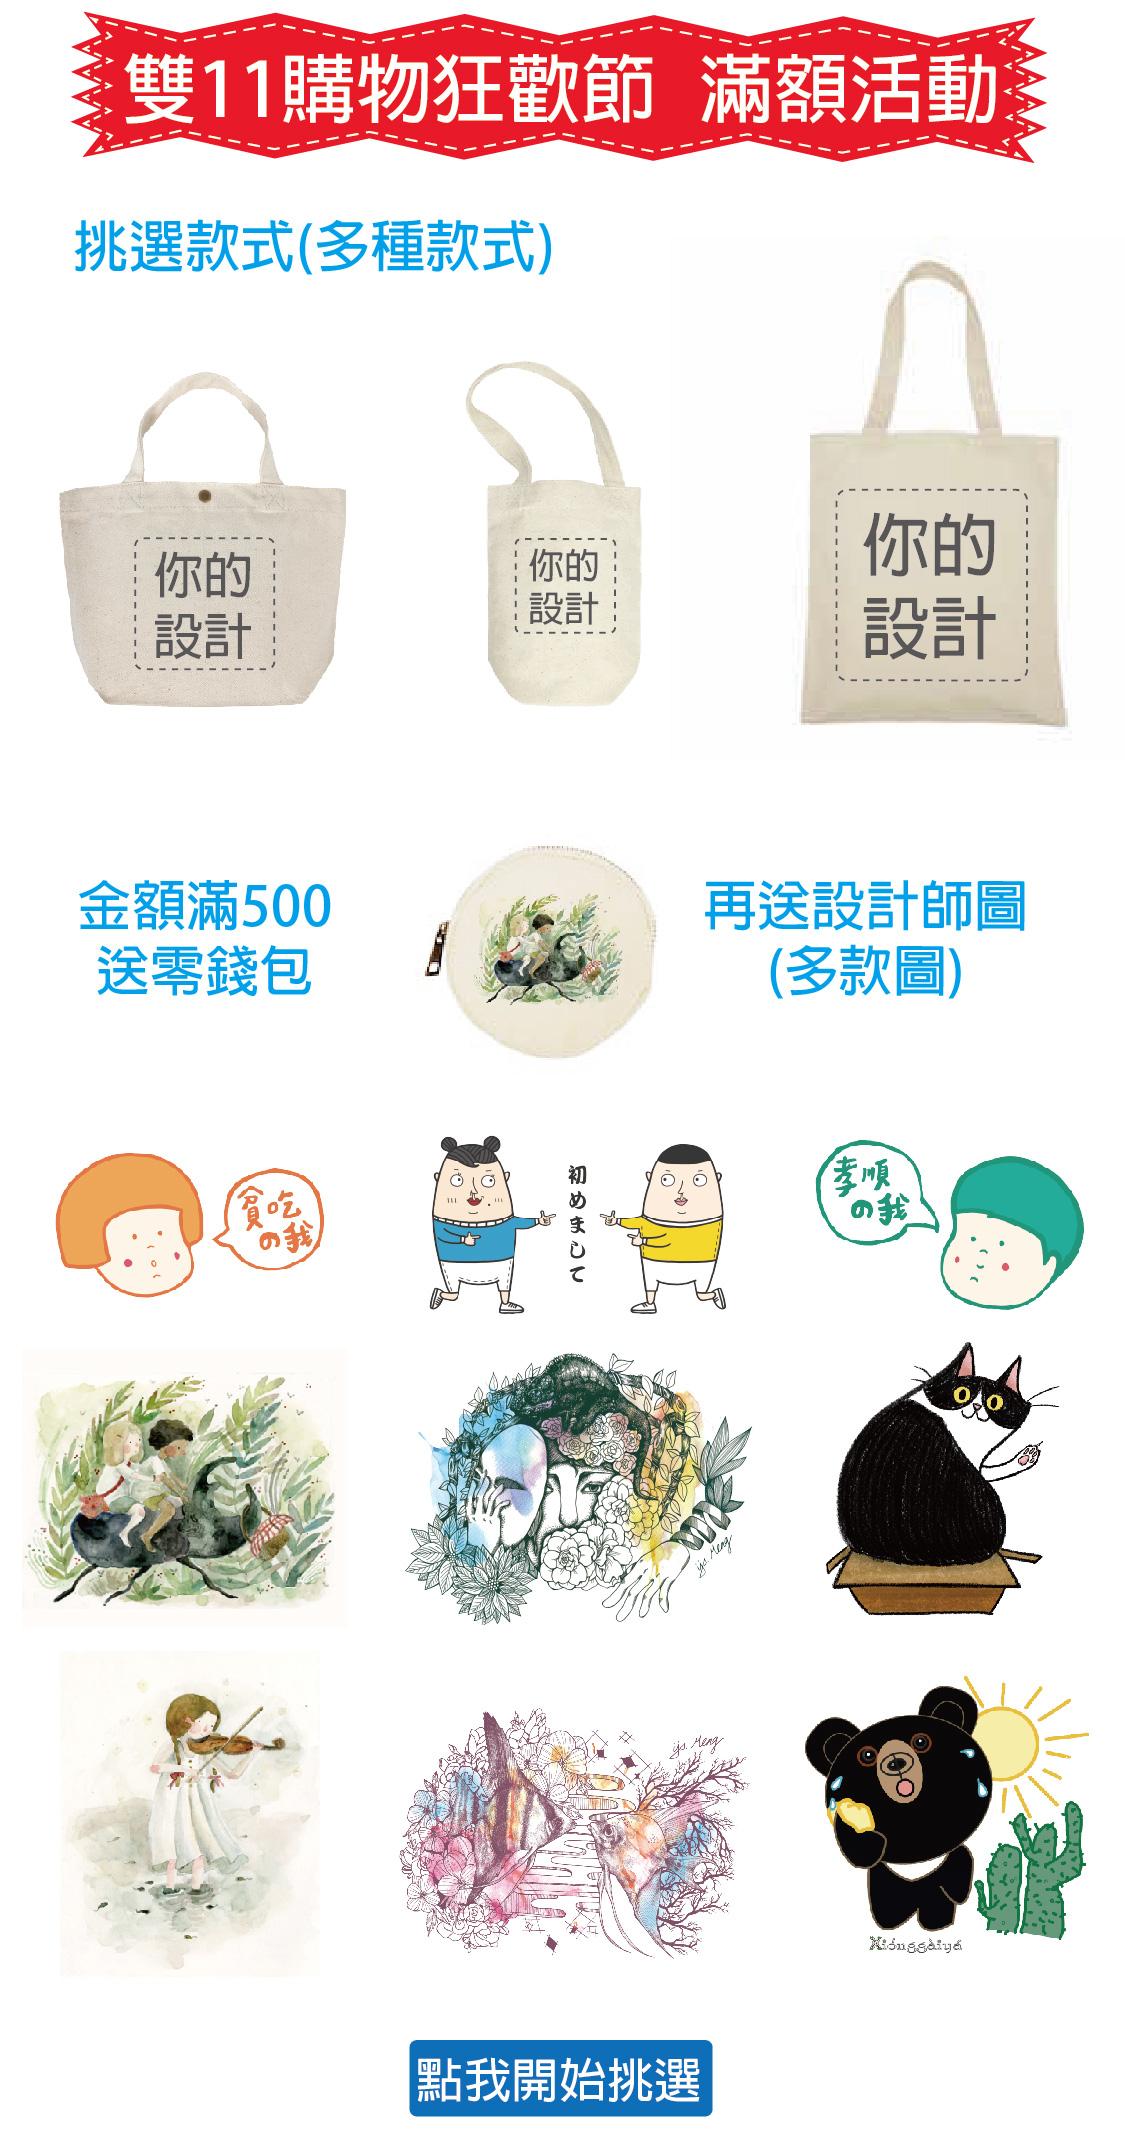 雙11購物節 滿額贈 (1111活動優惠 滿500送零錢包+設計師圖騰)